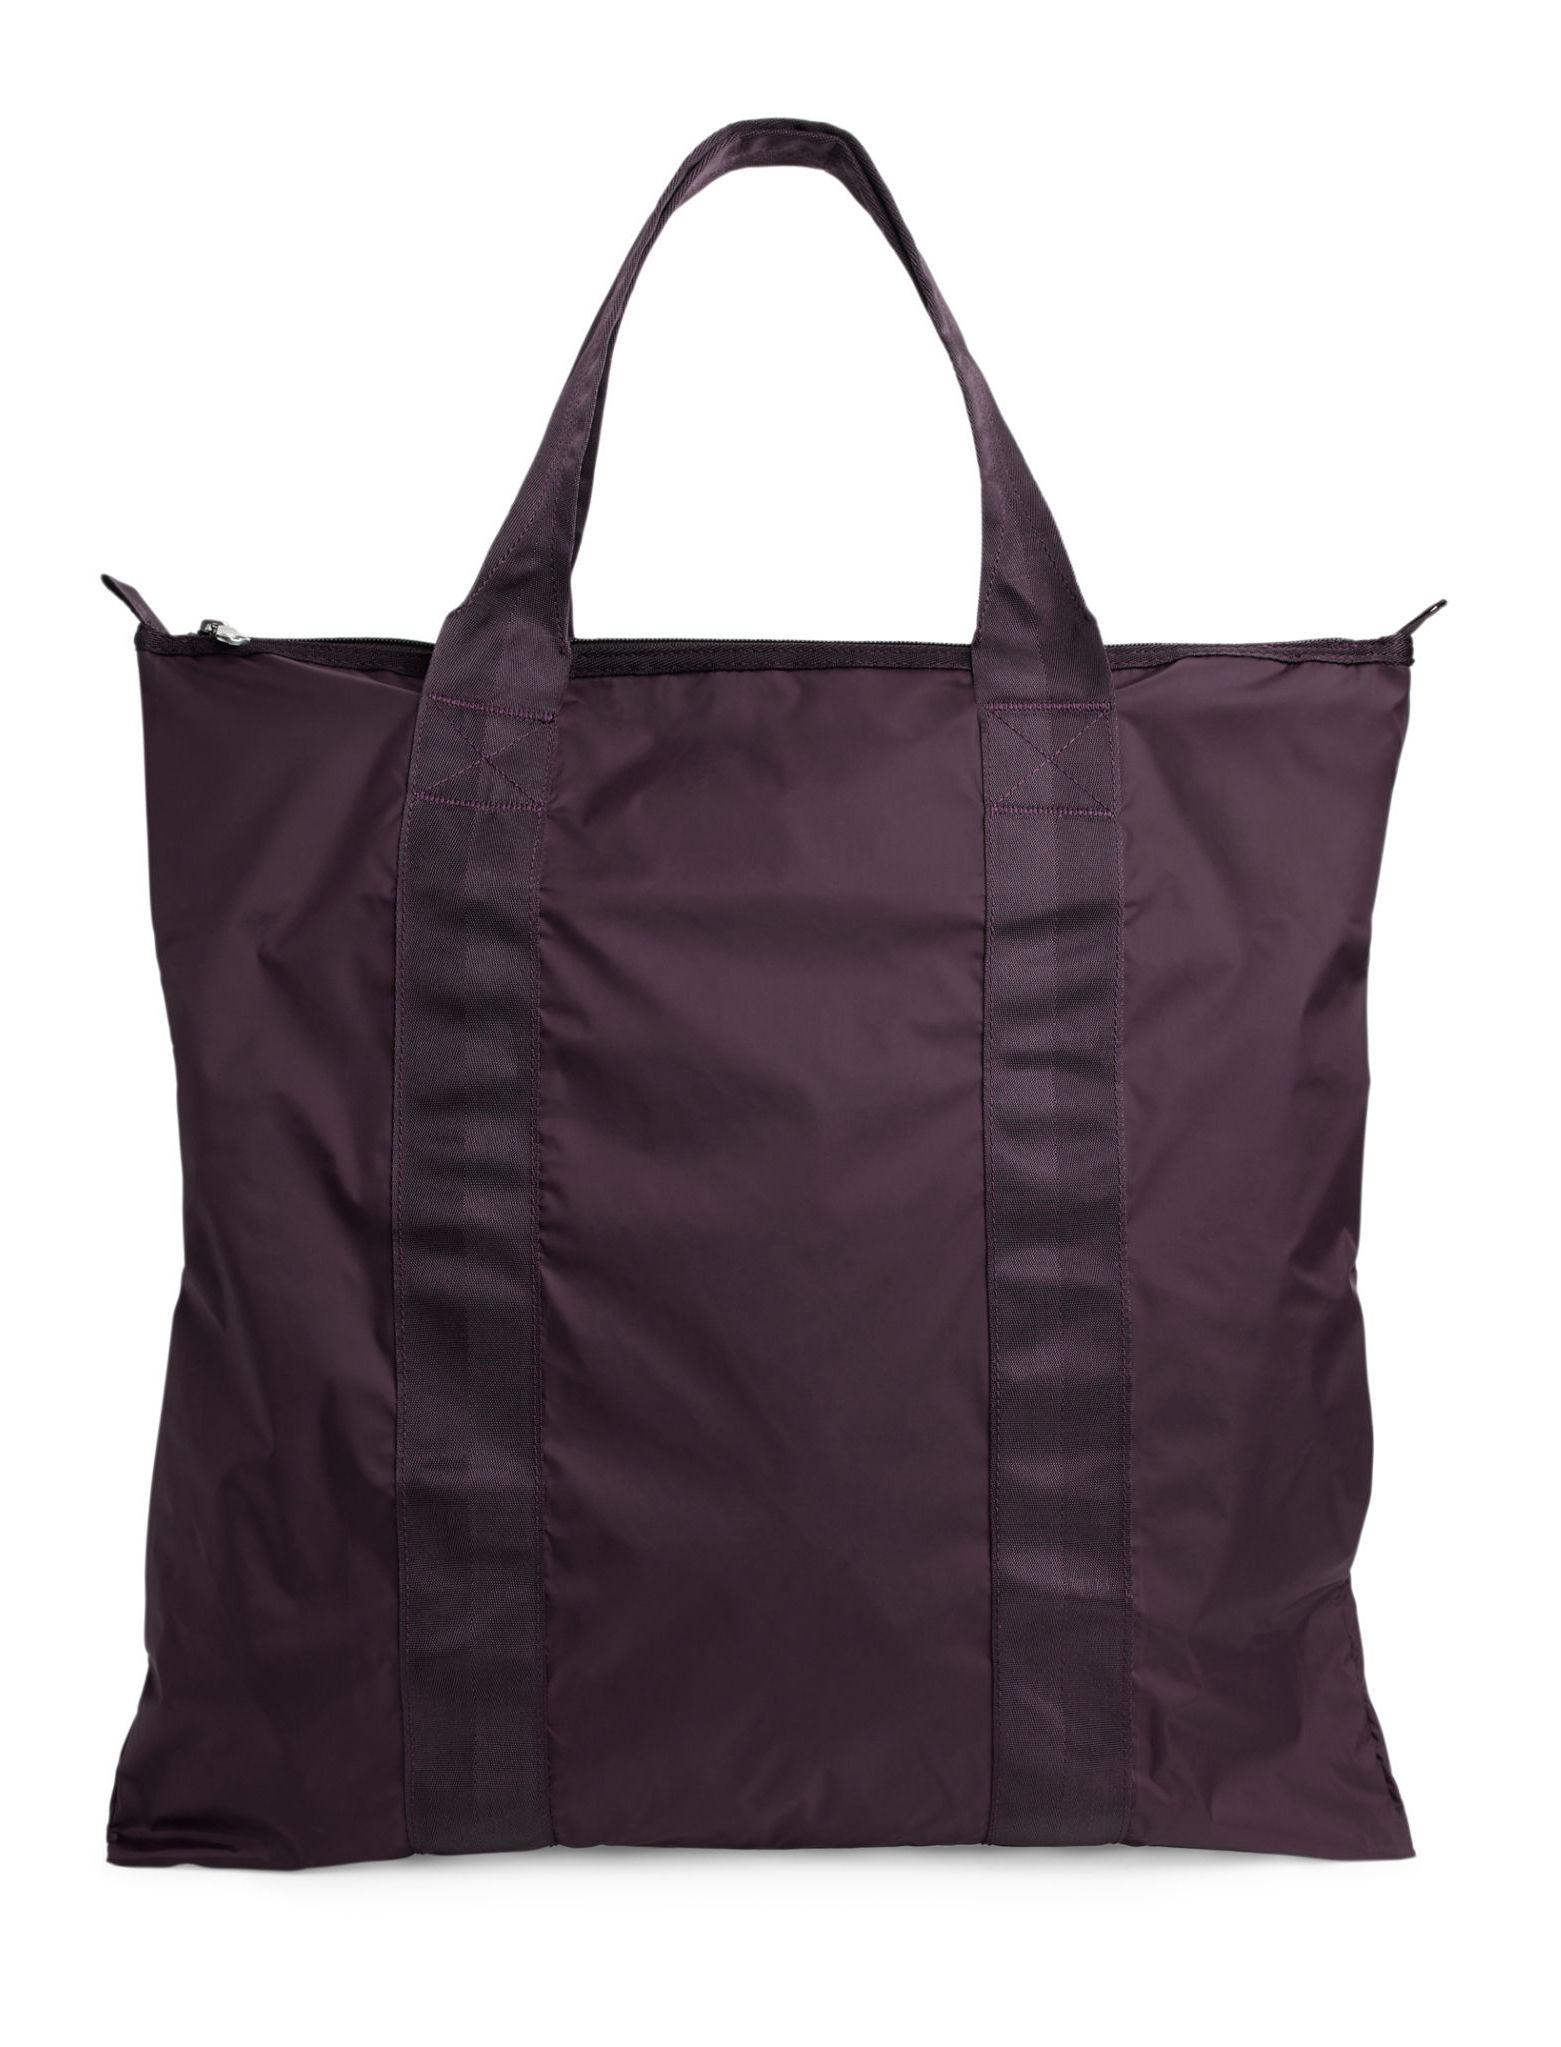 ARKET Packable Tote Bag Burgundy